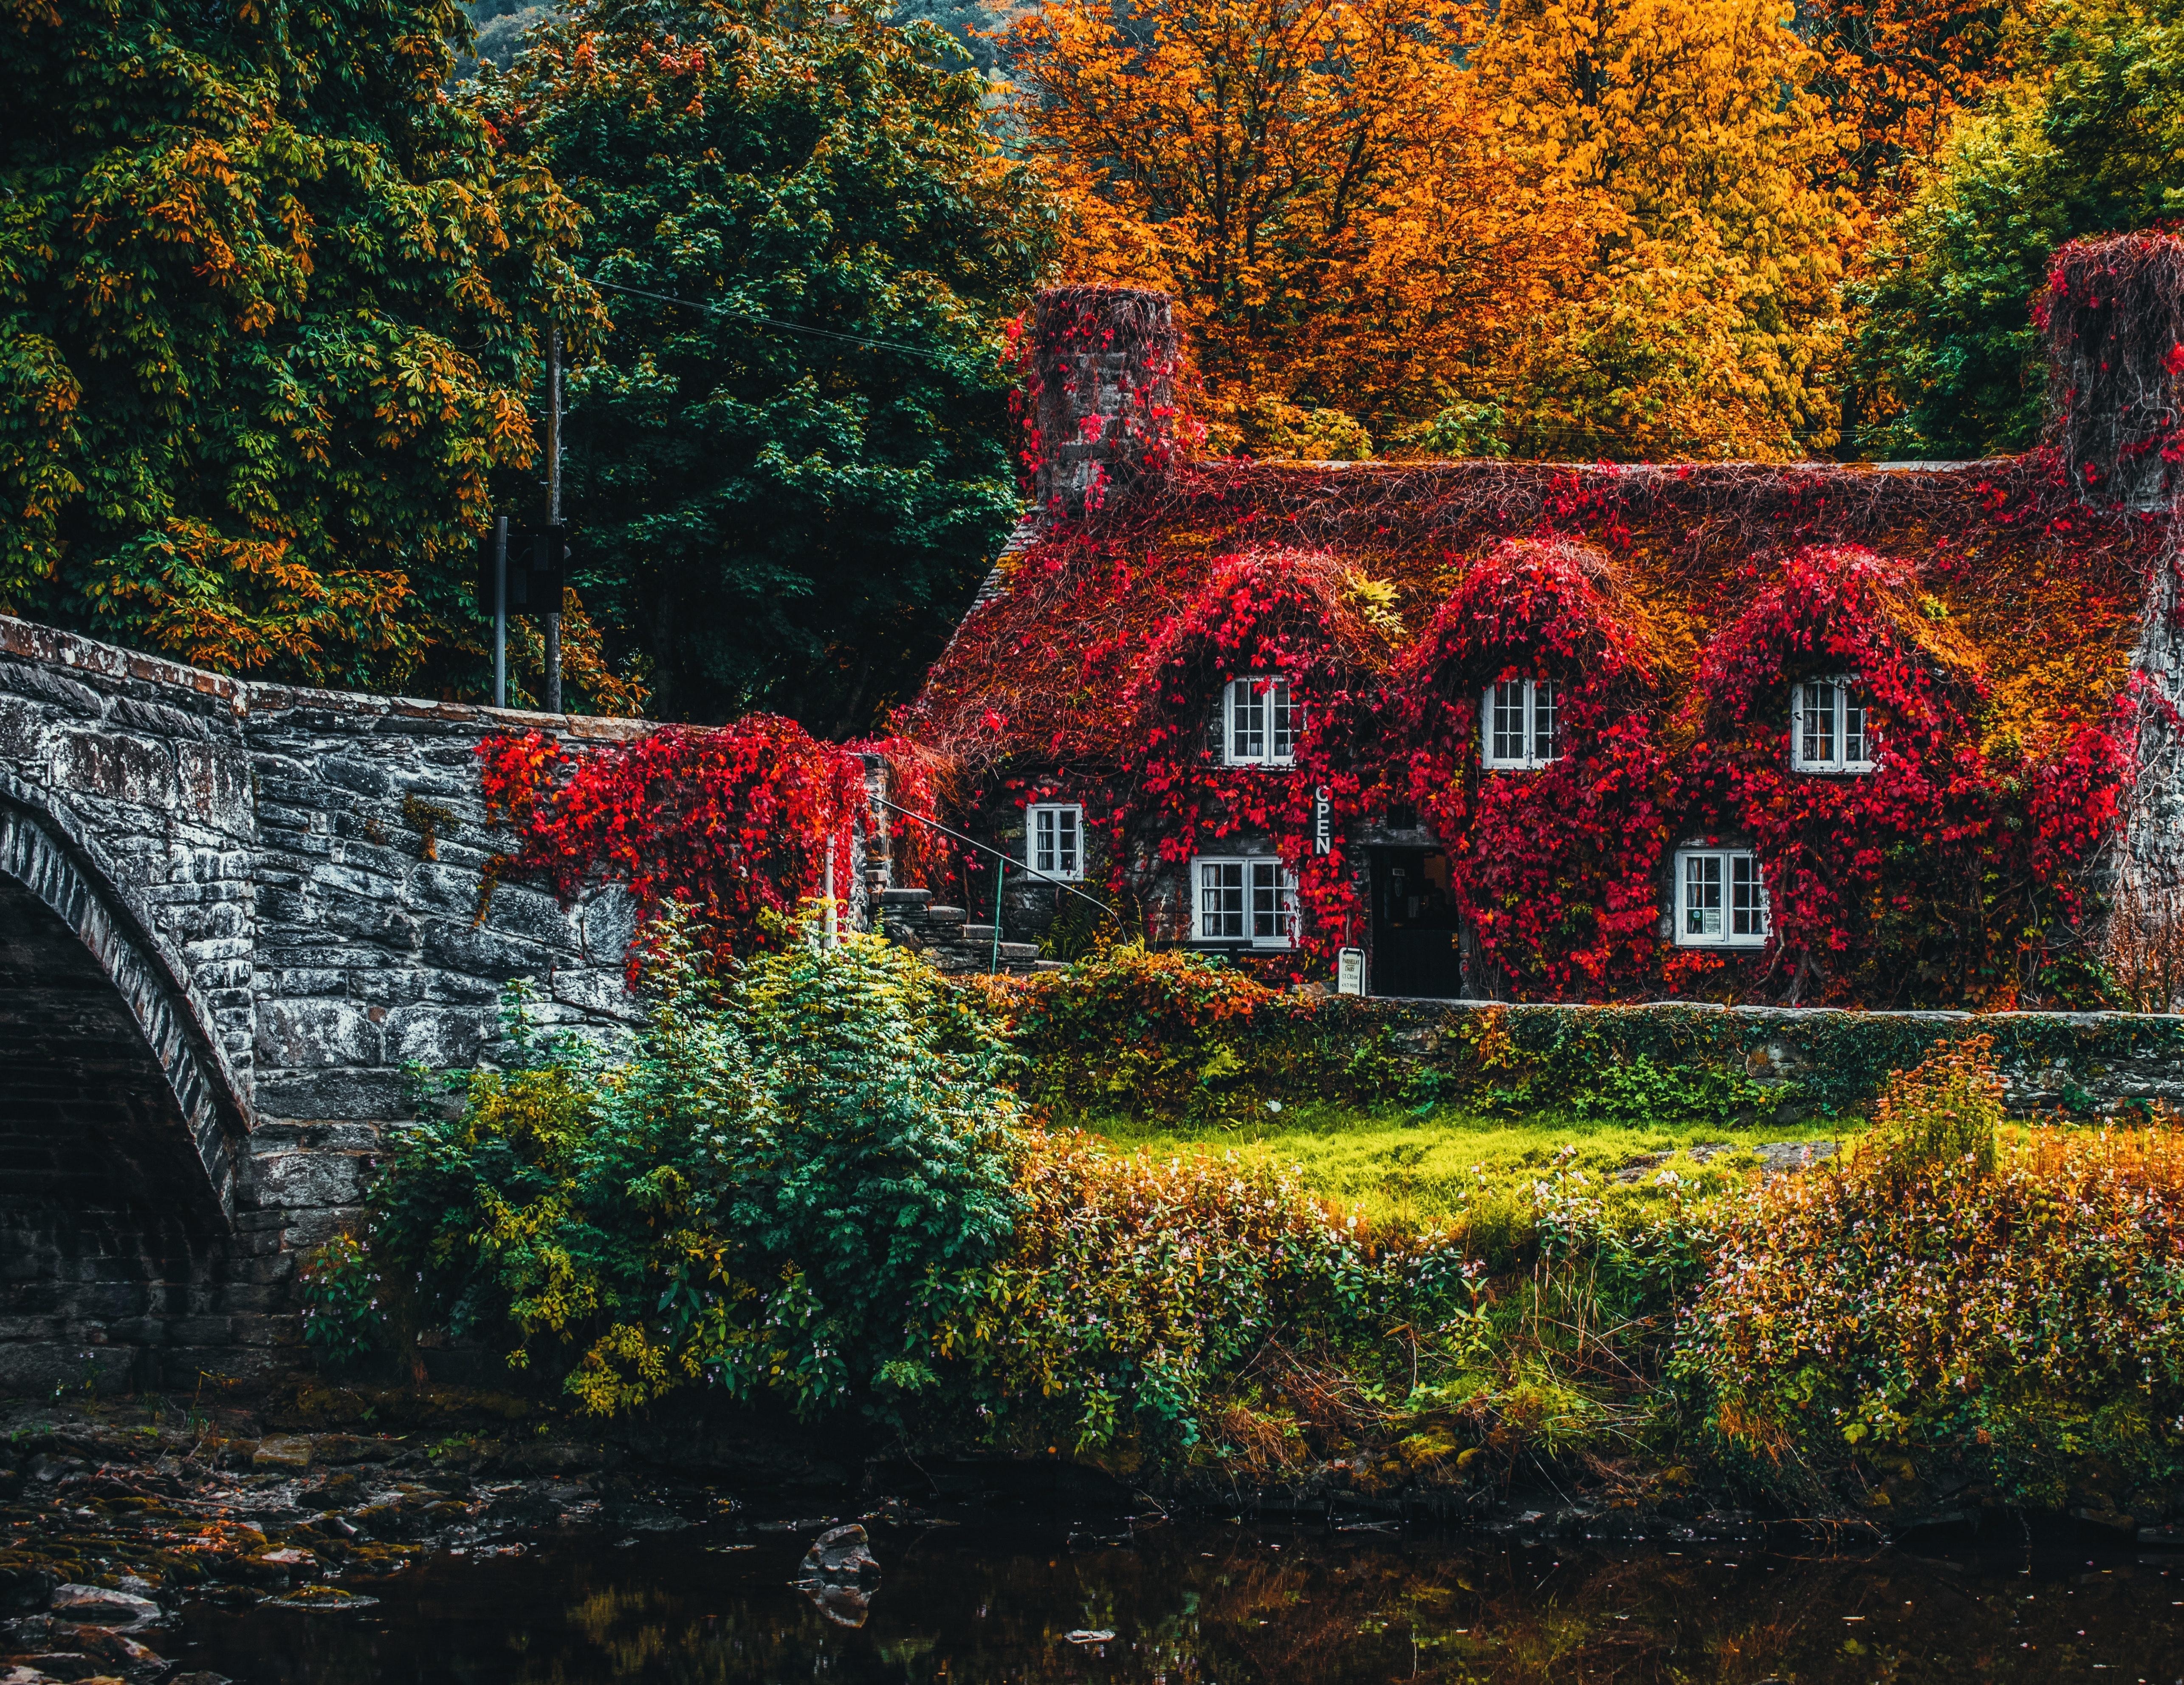 134737 завантажити шпалери Осінь, Природа, Листя, Річка, Будиночок, Садиба, Барви Осені, Осінні Фарби - заставки і картинки безкоштовно